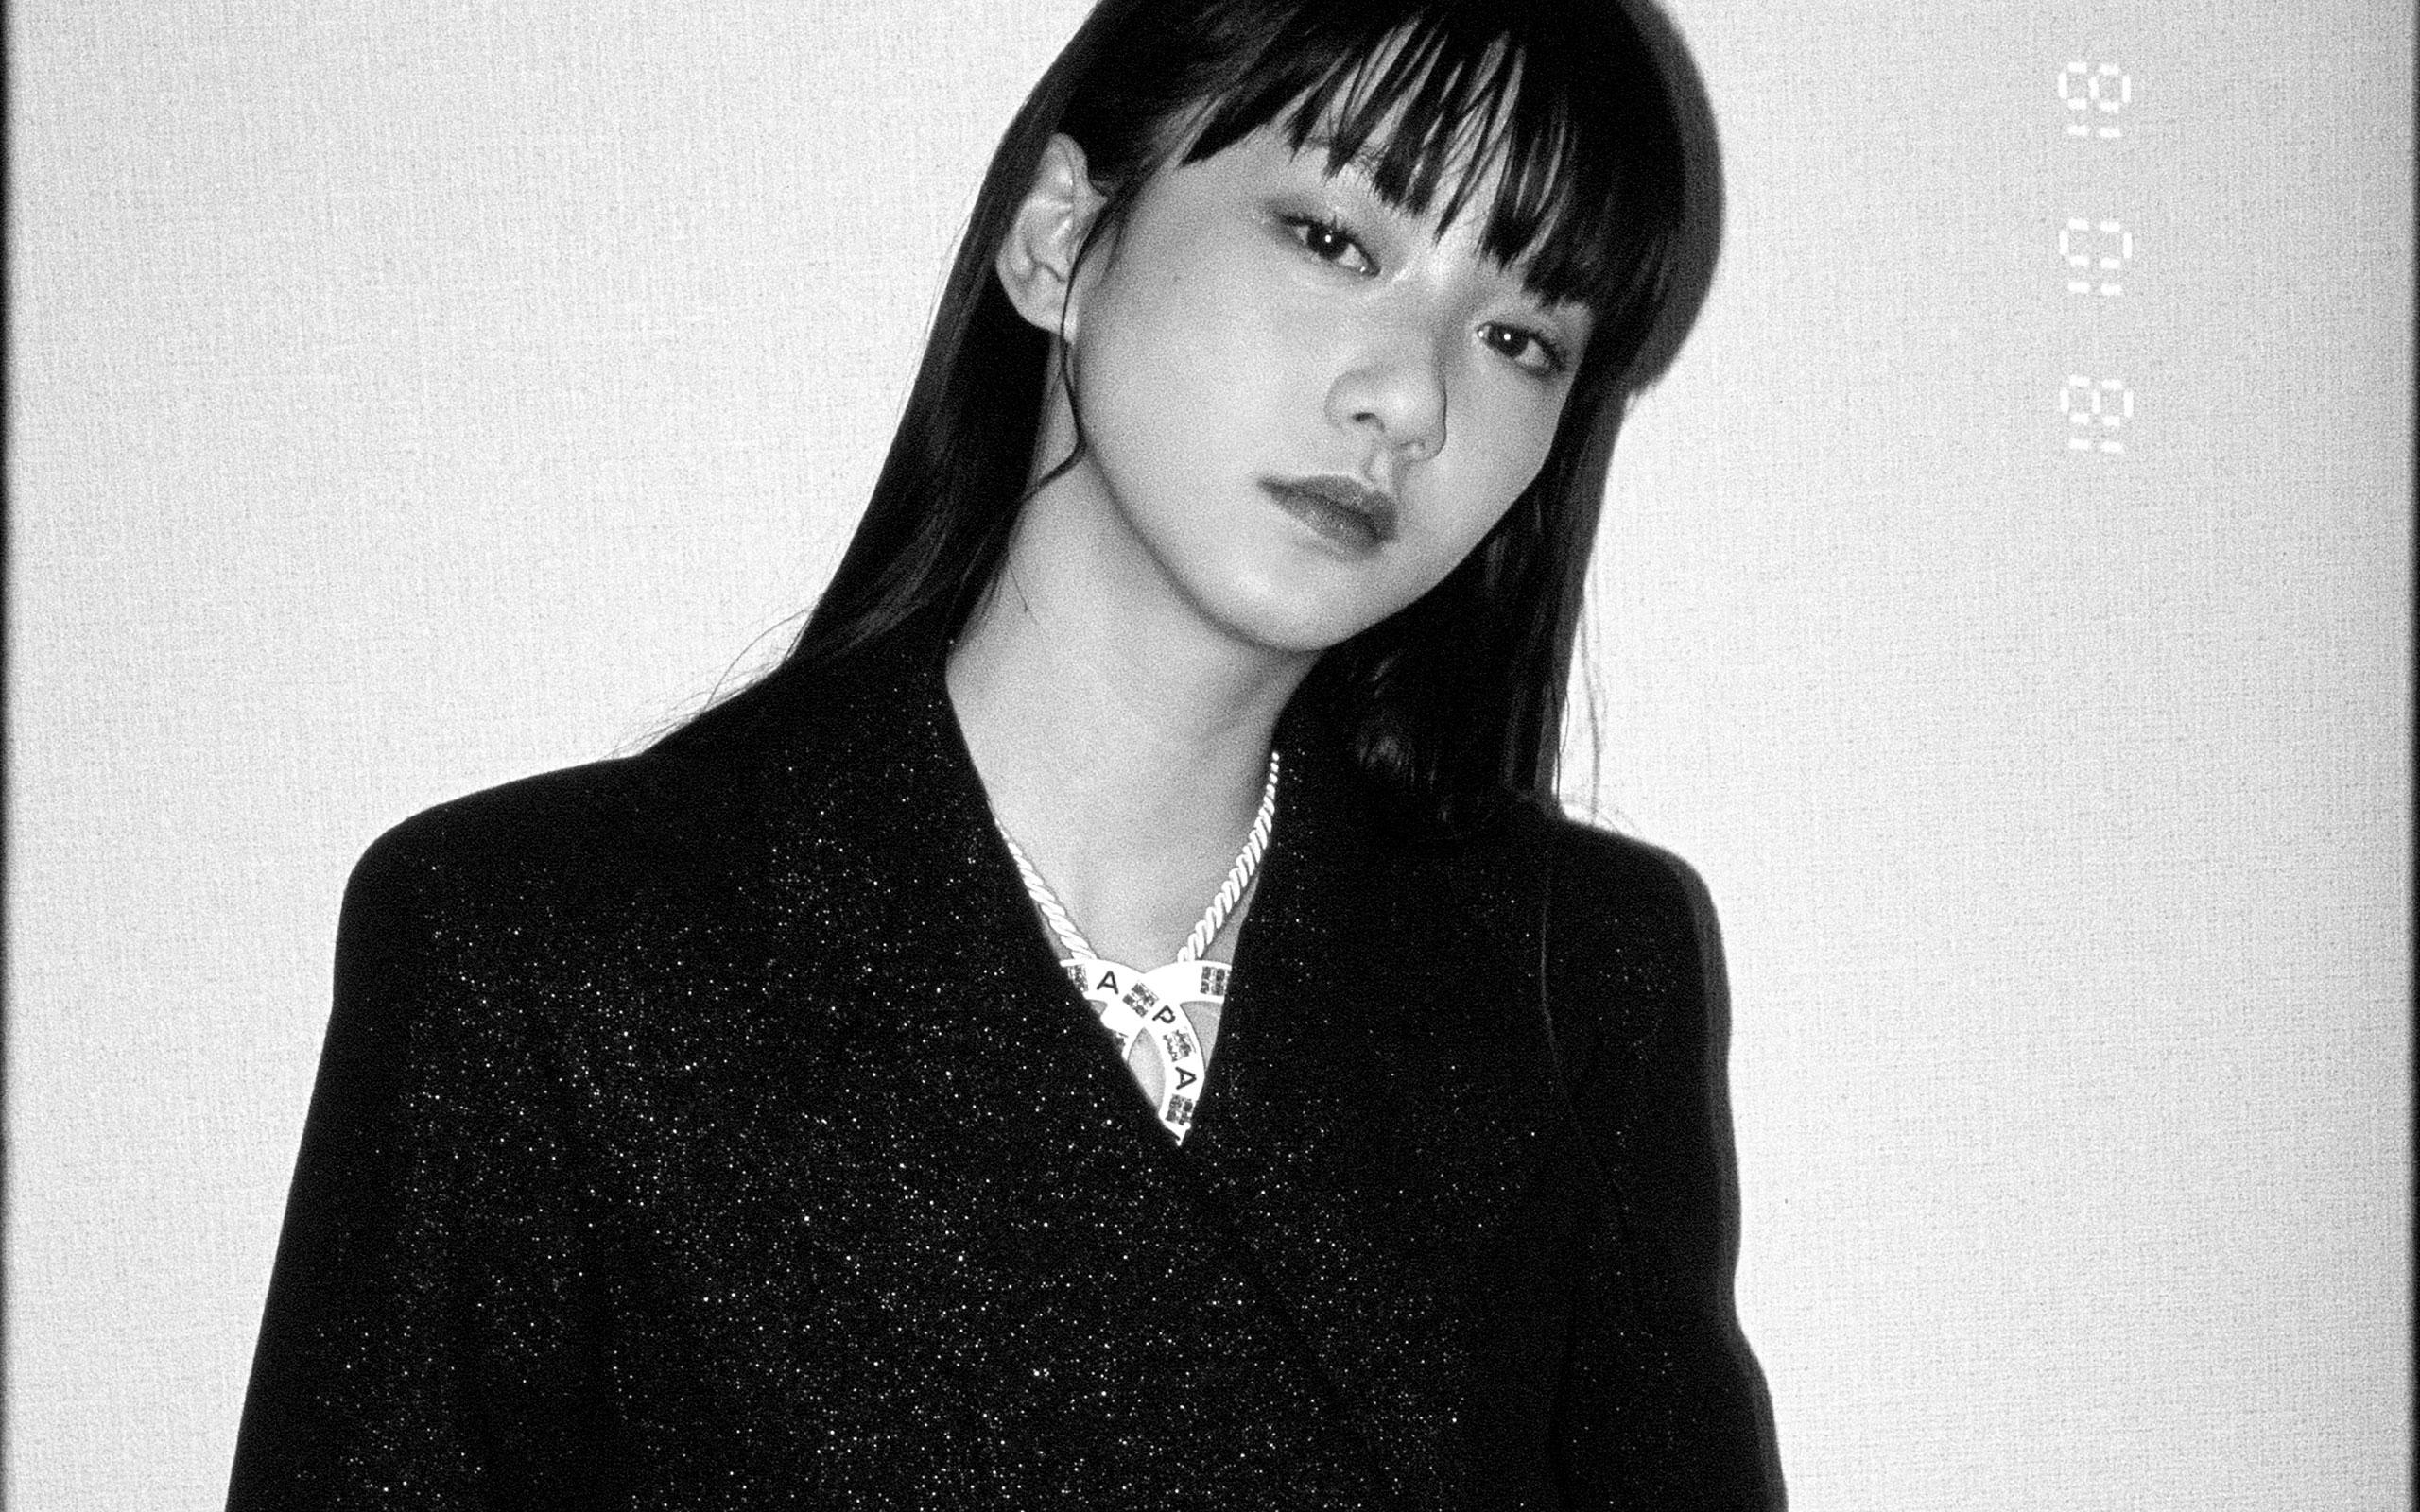 """「香港の失われつつある世界を記録したかった」アジアの""""Itガール""""Angela Yuen (アンジェラ・ユン) インタビュー"""